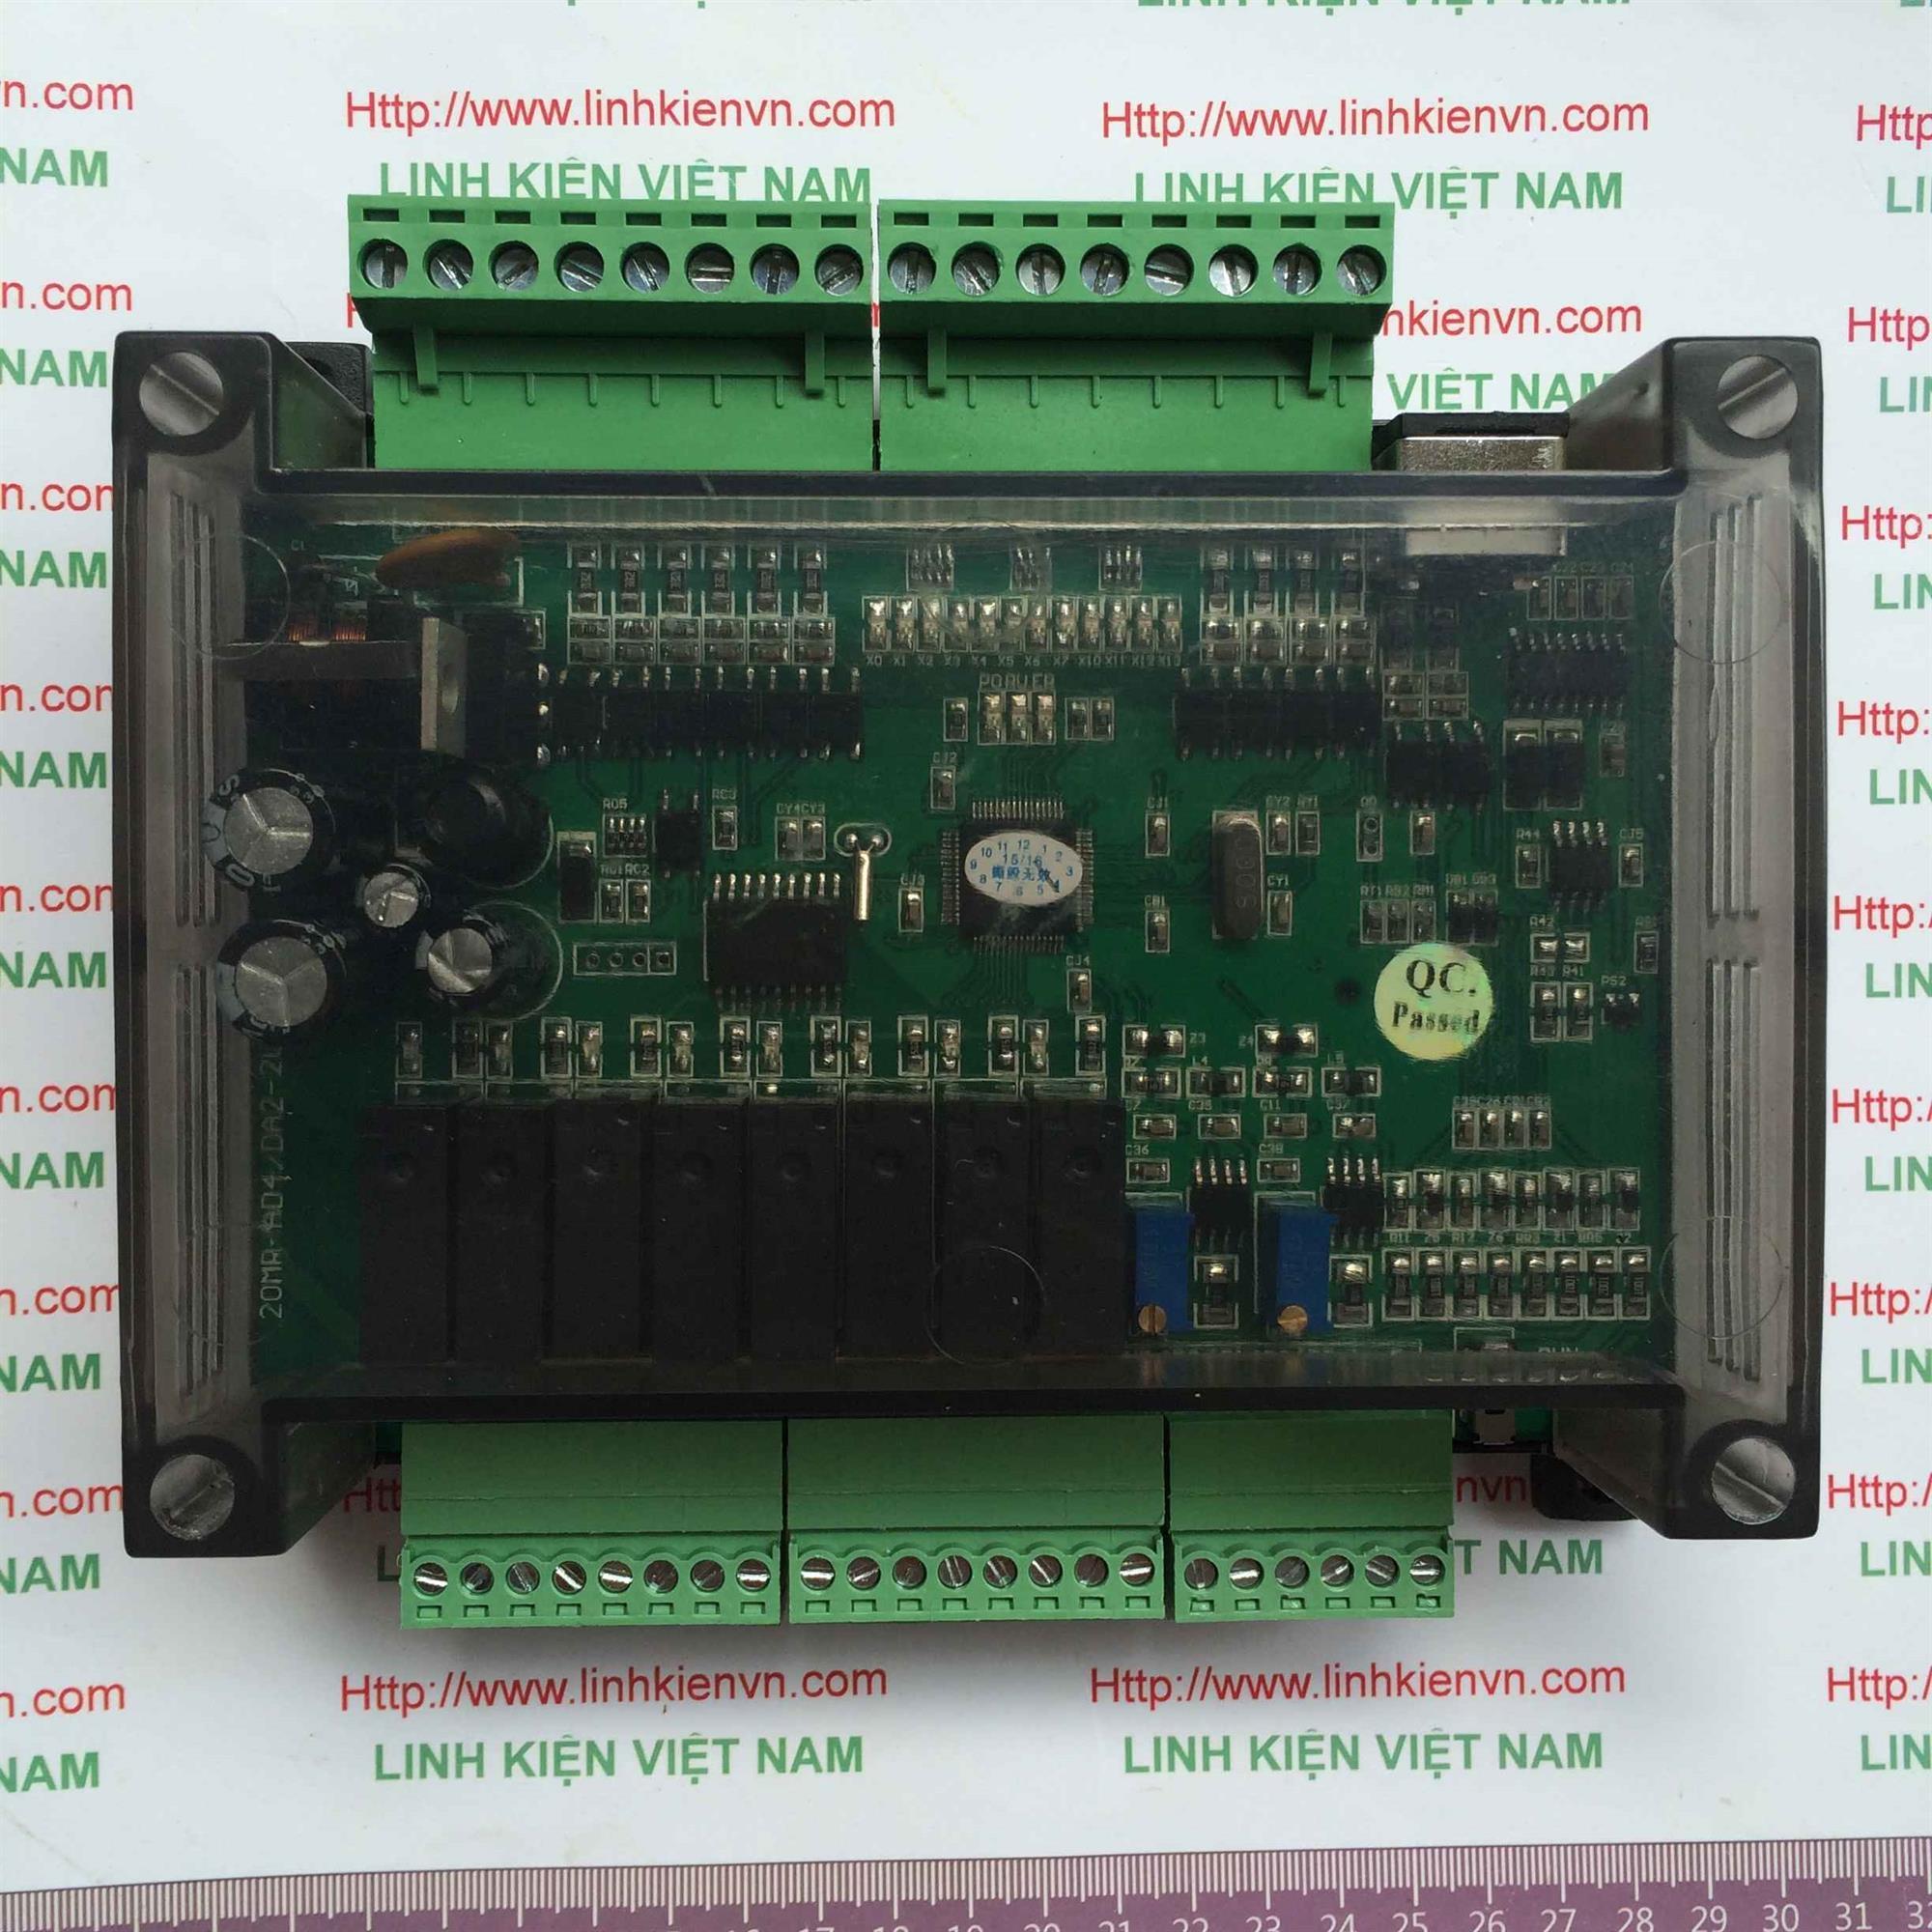 PLC board FX1N-20MR CÓ VỎ TÍCH HỢP 2AD-2DA - KHO B